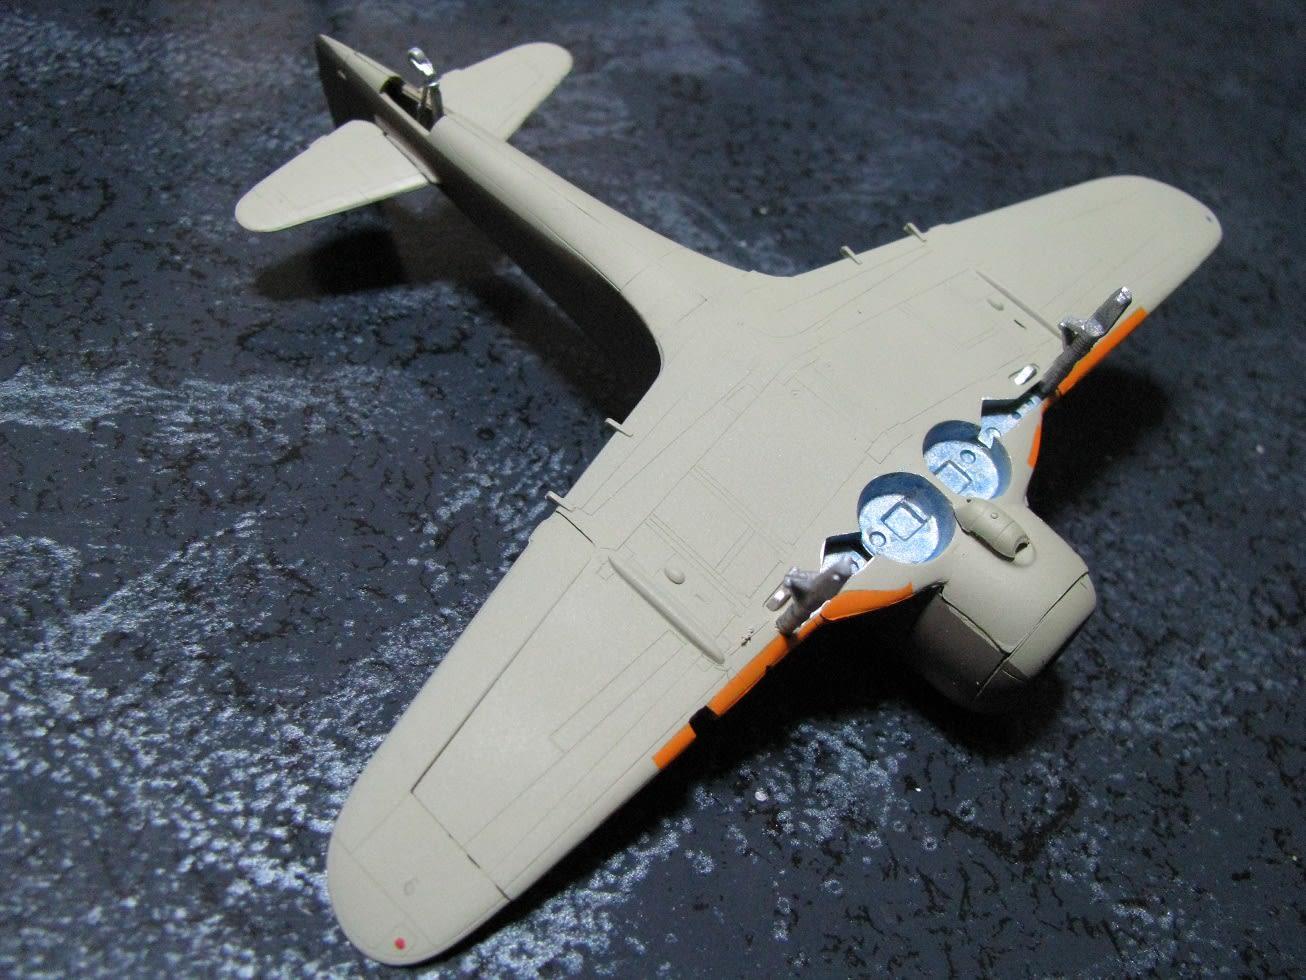 二式単座戦闘機の画像 p1_36